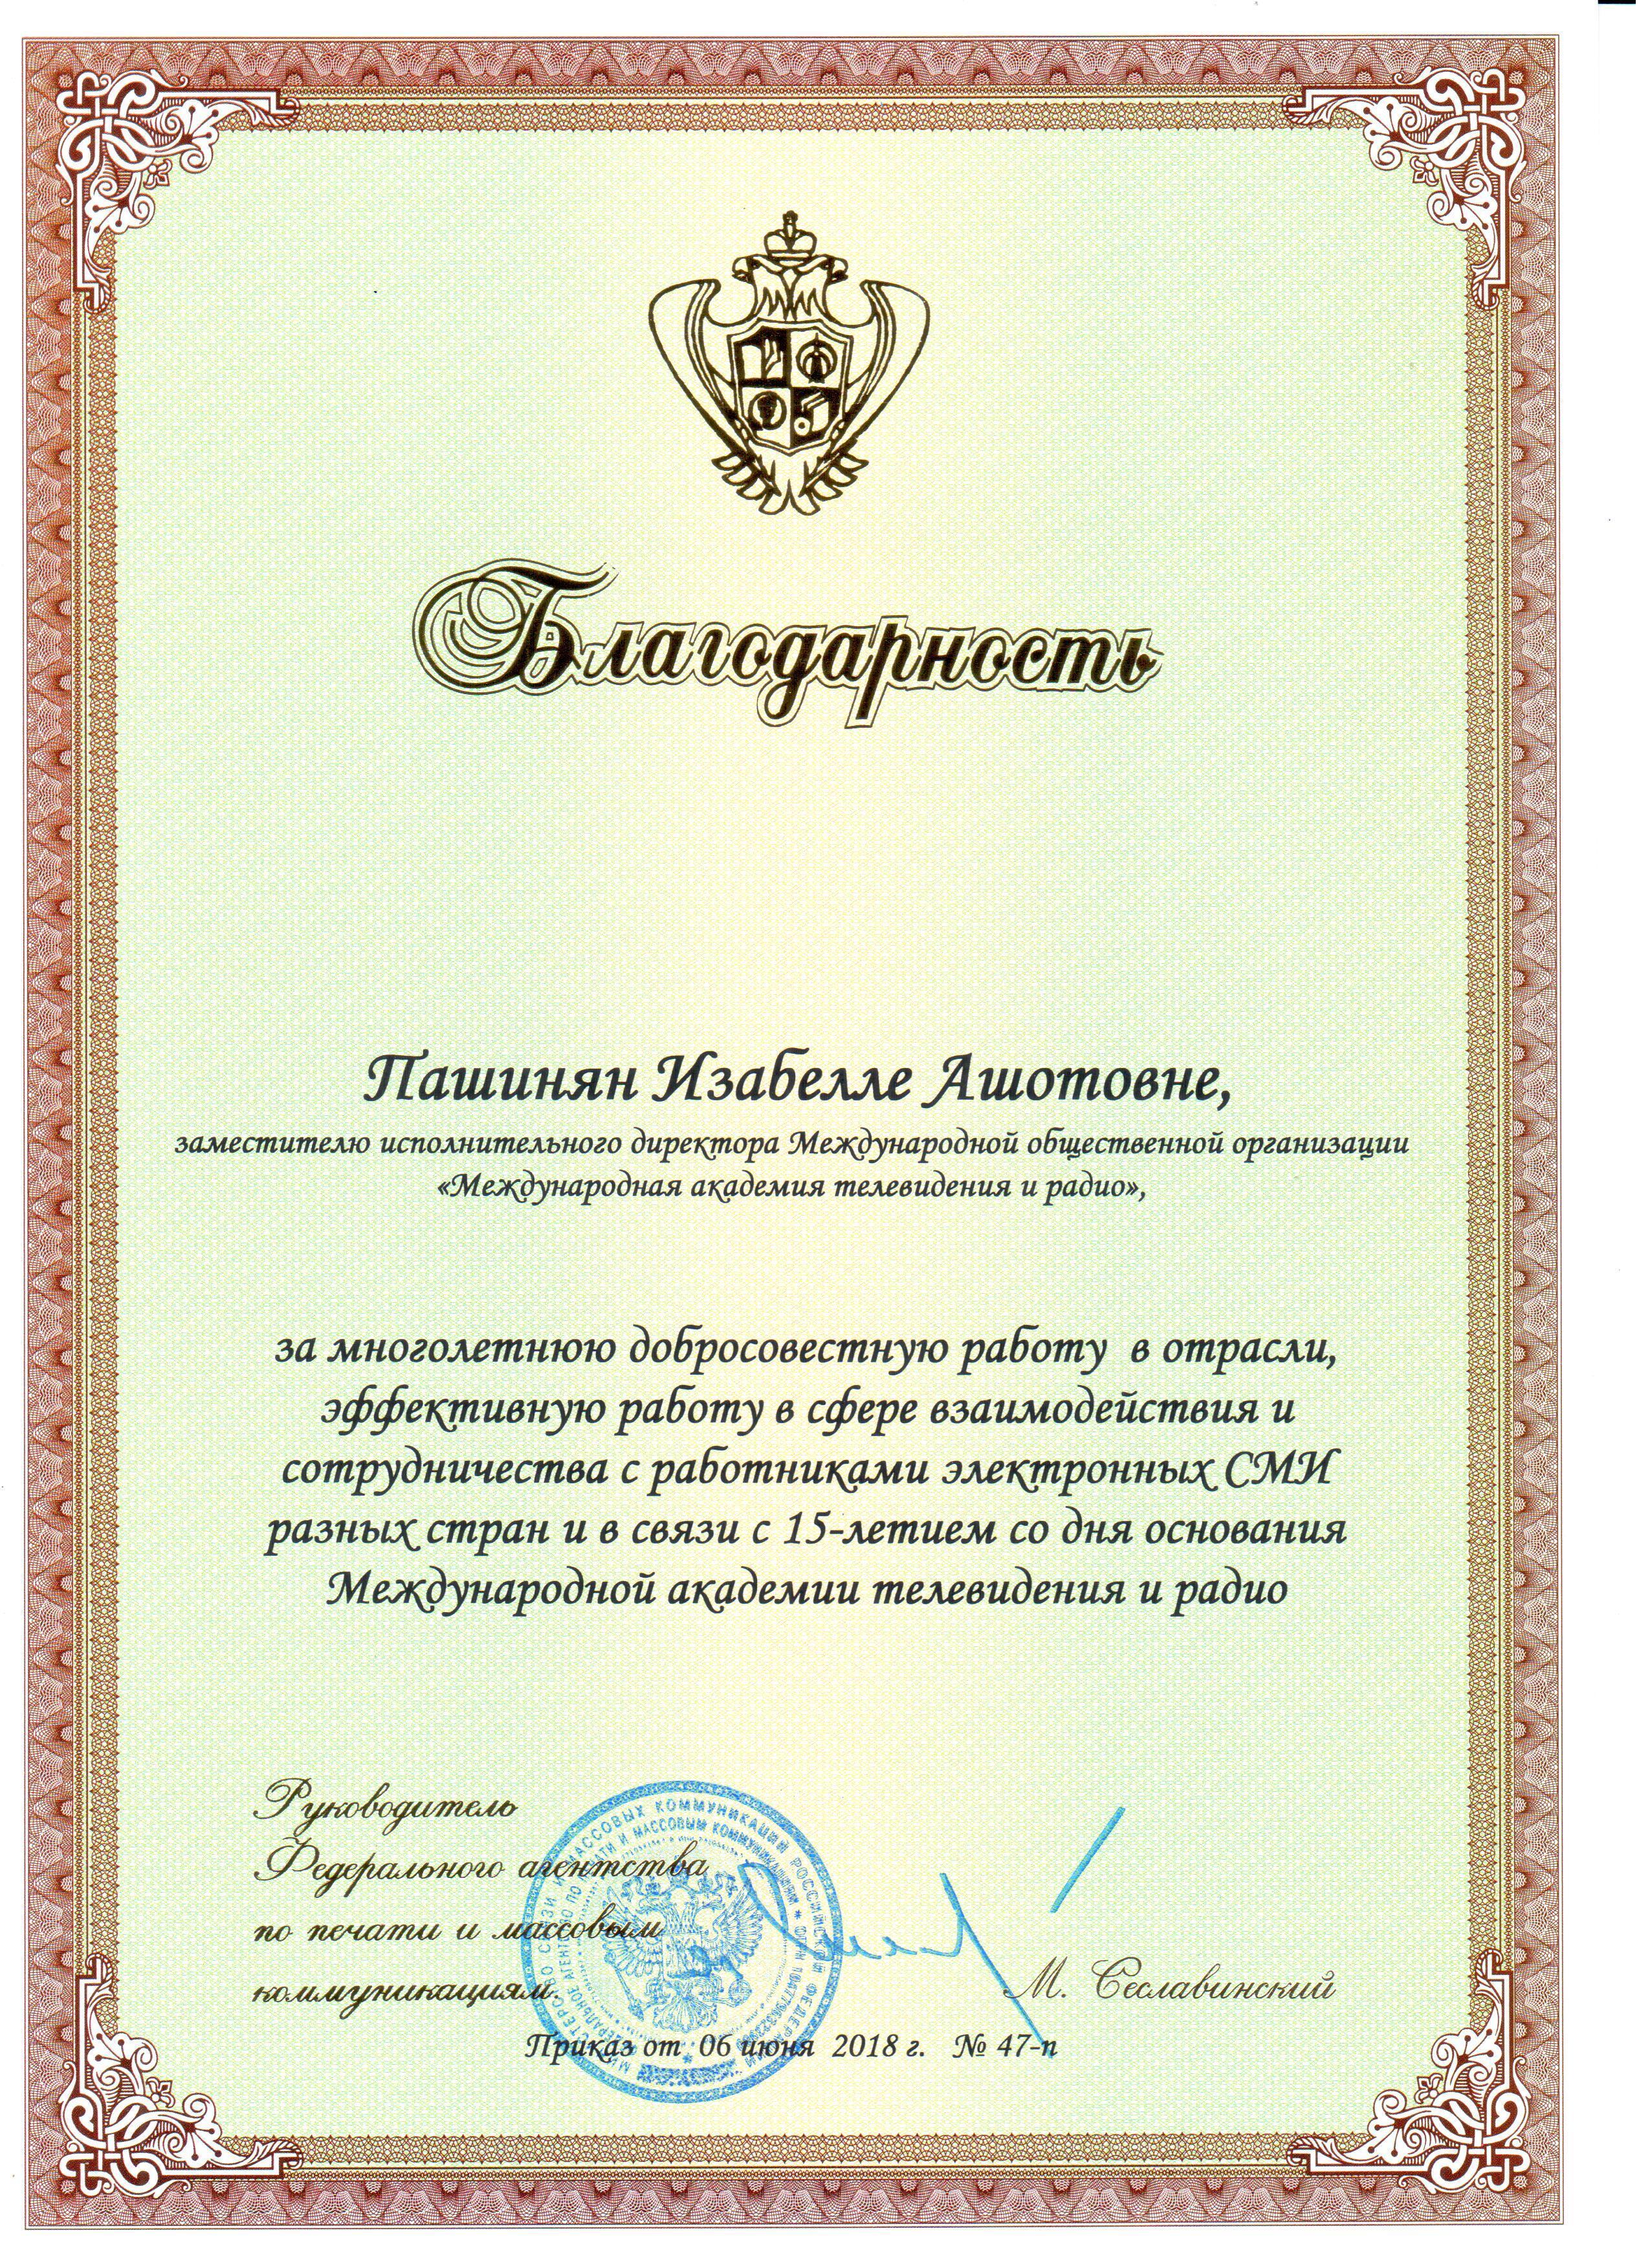 Благодарность Пашинян